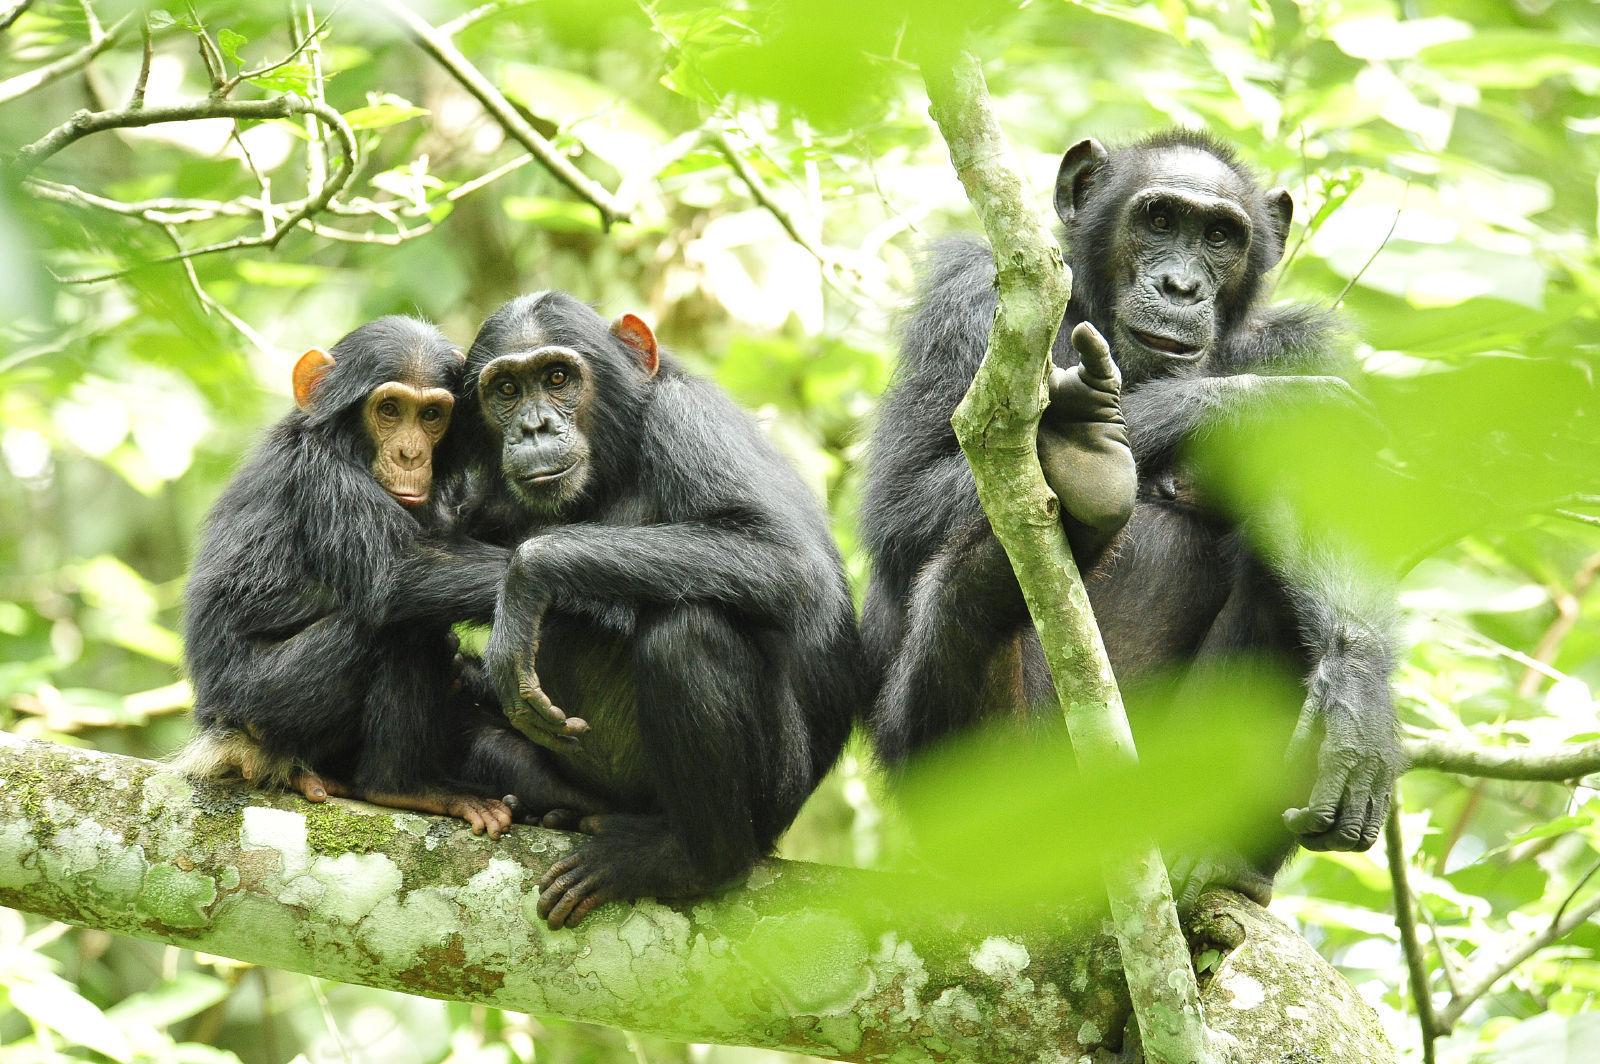 Los chimpancés basan sus relaciones en la confianza